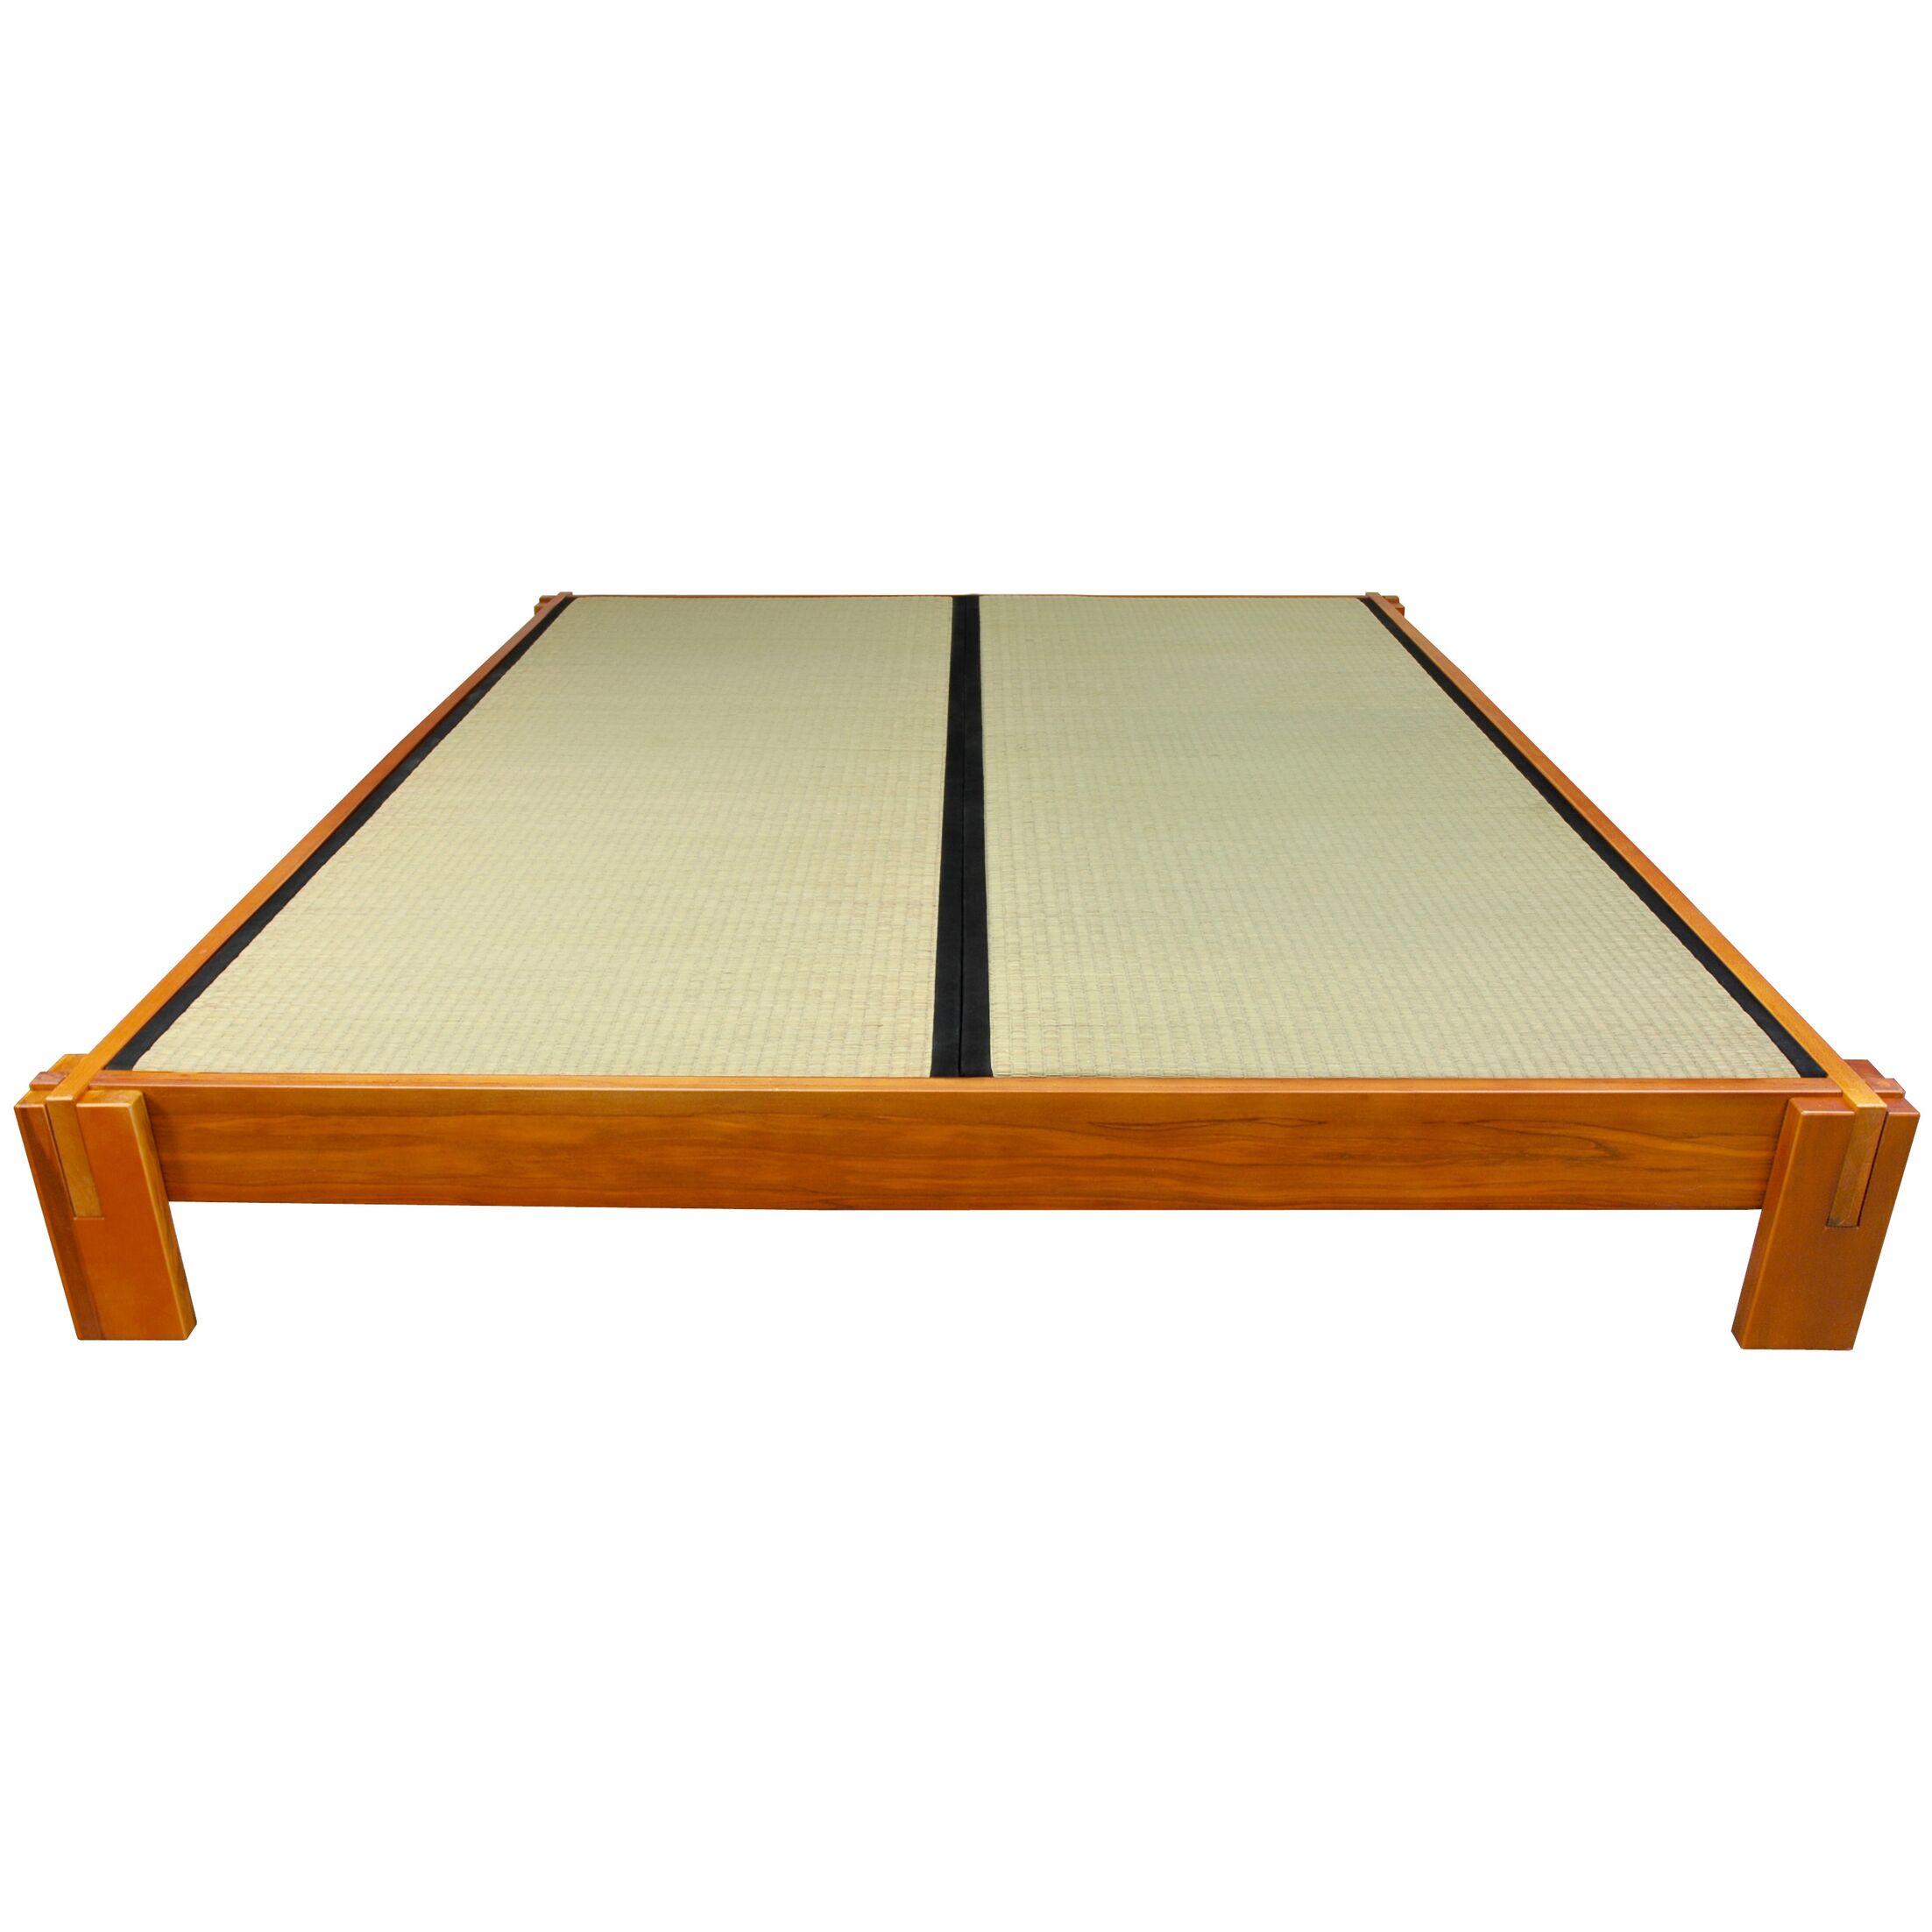 Christofor Platform Bed Size: King, Color: Honey